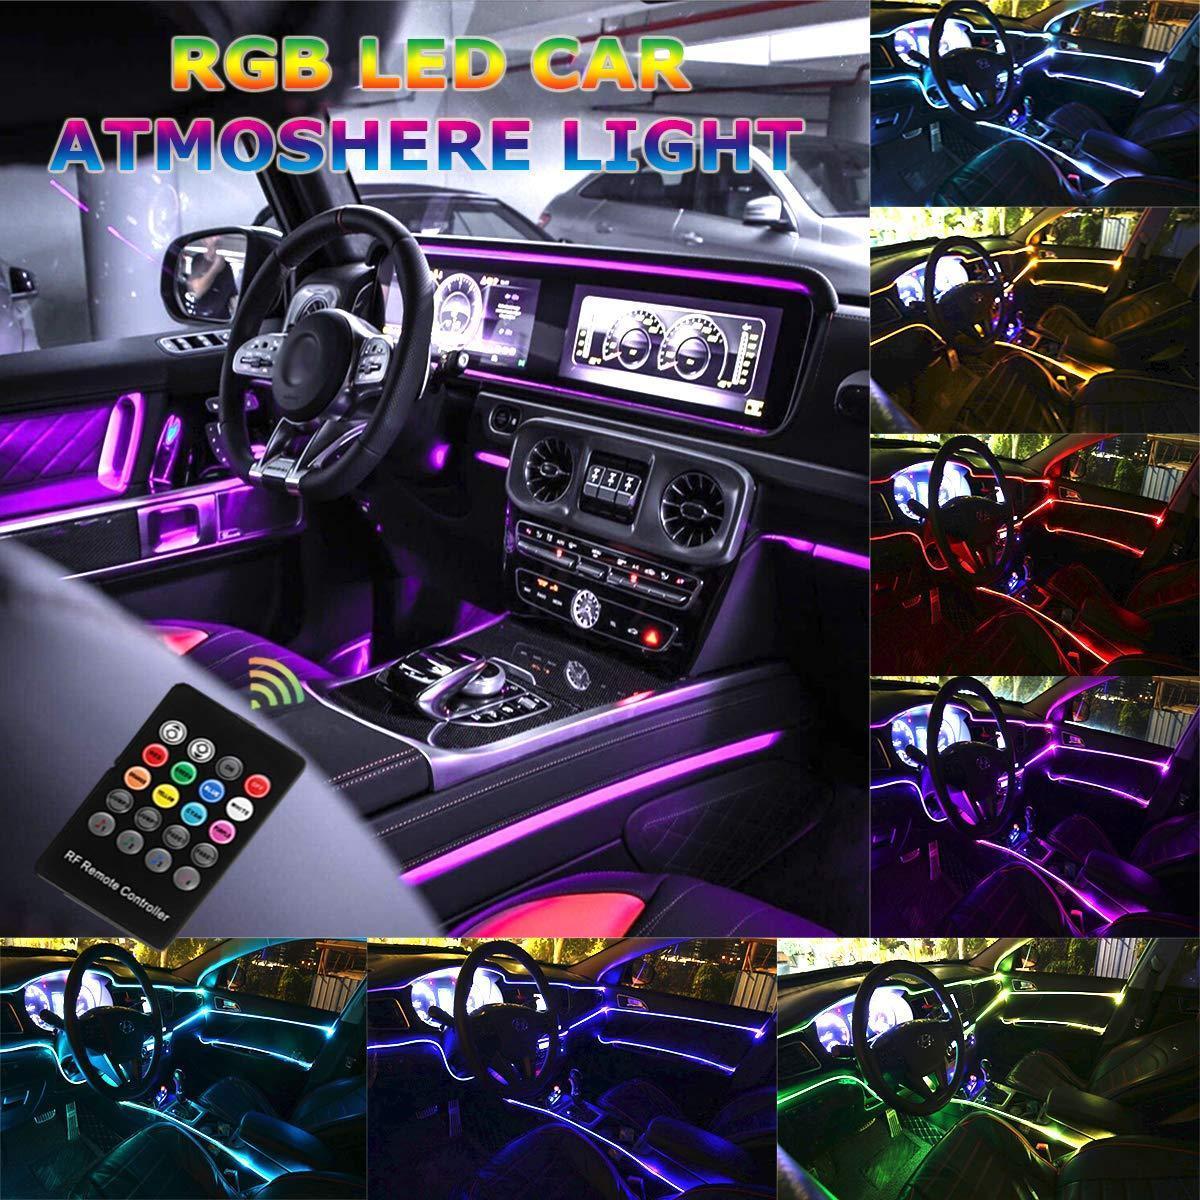 Car LED Light Strip - Música RGB néon Accent Lights - 5 em 1 com 6 metros / 236.22 polegadas, Decor Interior Atmosfera Faixa Lâmpada